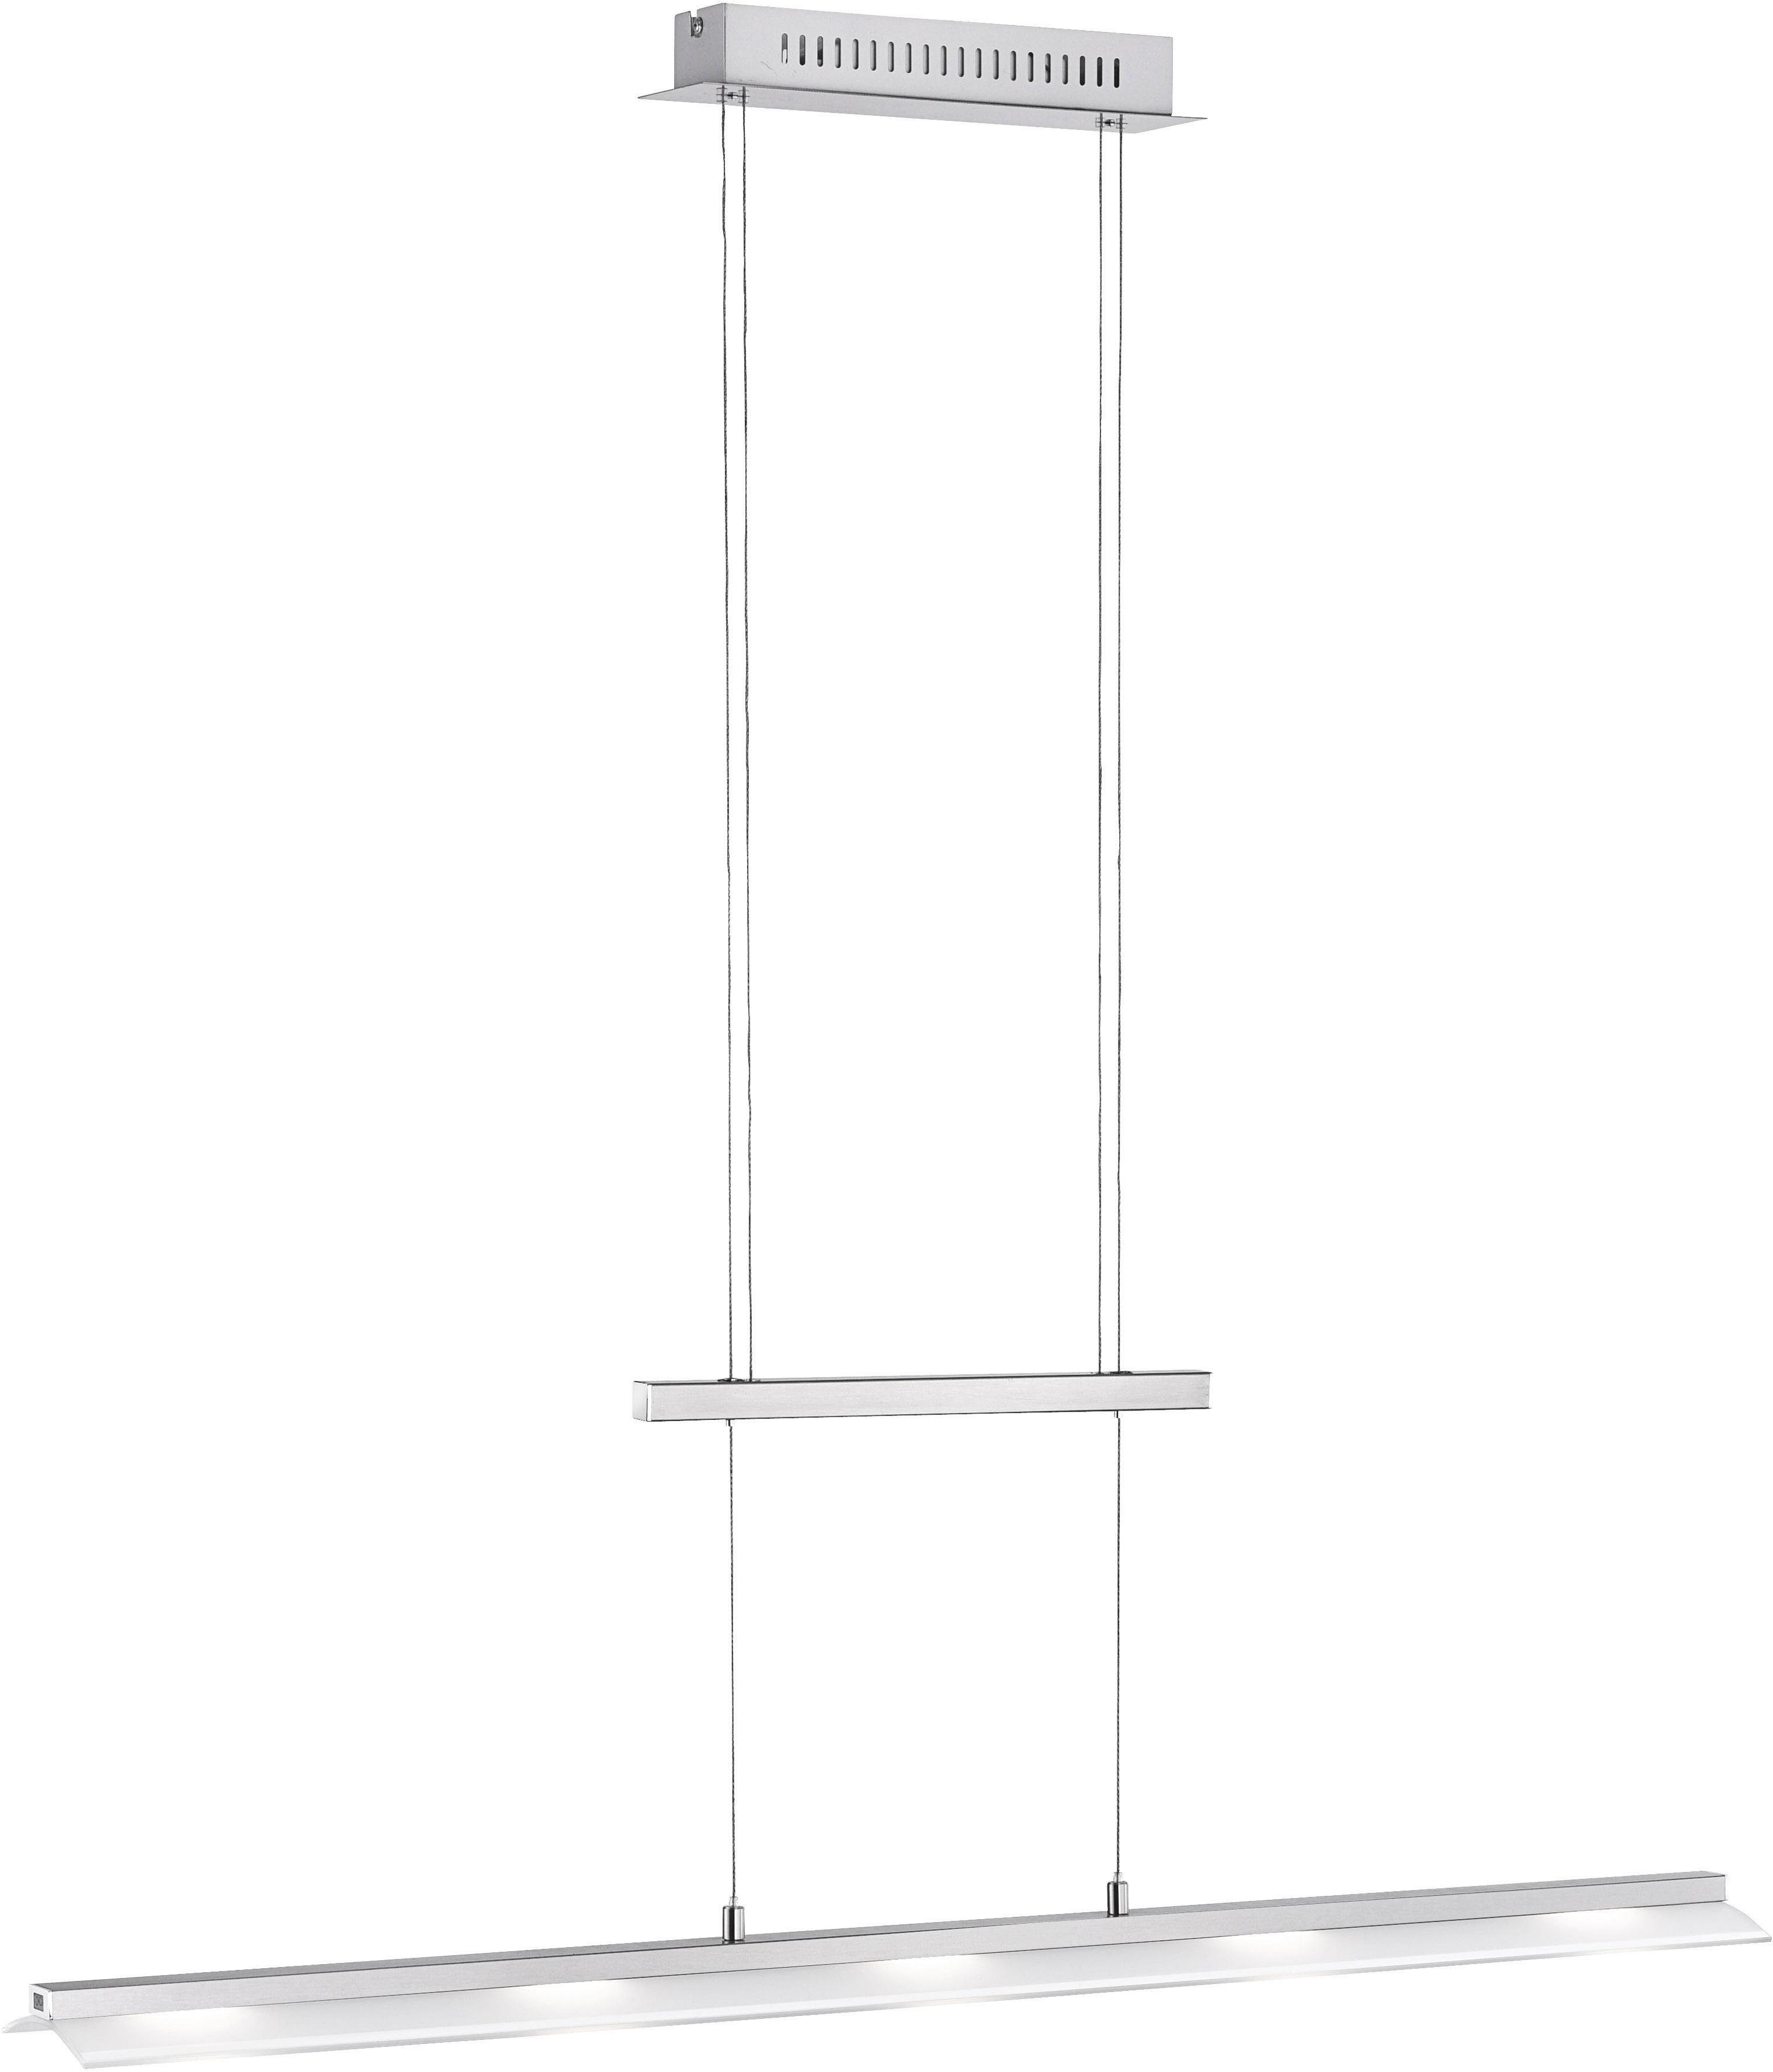 Paul Neuhaus Pendelleuchte NELE, LED-Board, Warmweiß-Neutralweiß-Tageslichtweiß, Hängeleuchte, inklusive Sensor- Dimm- und Memory-Funktion, Farbtemperatur verstellbar von warmweiß bis tageslichtweiß, höhenverstellbar